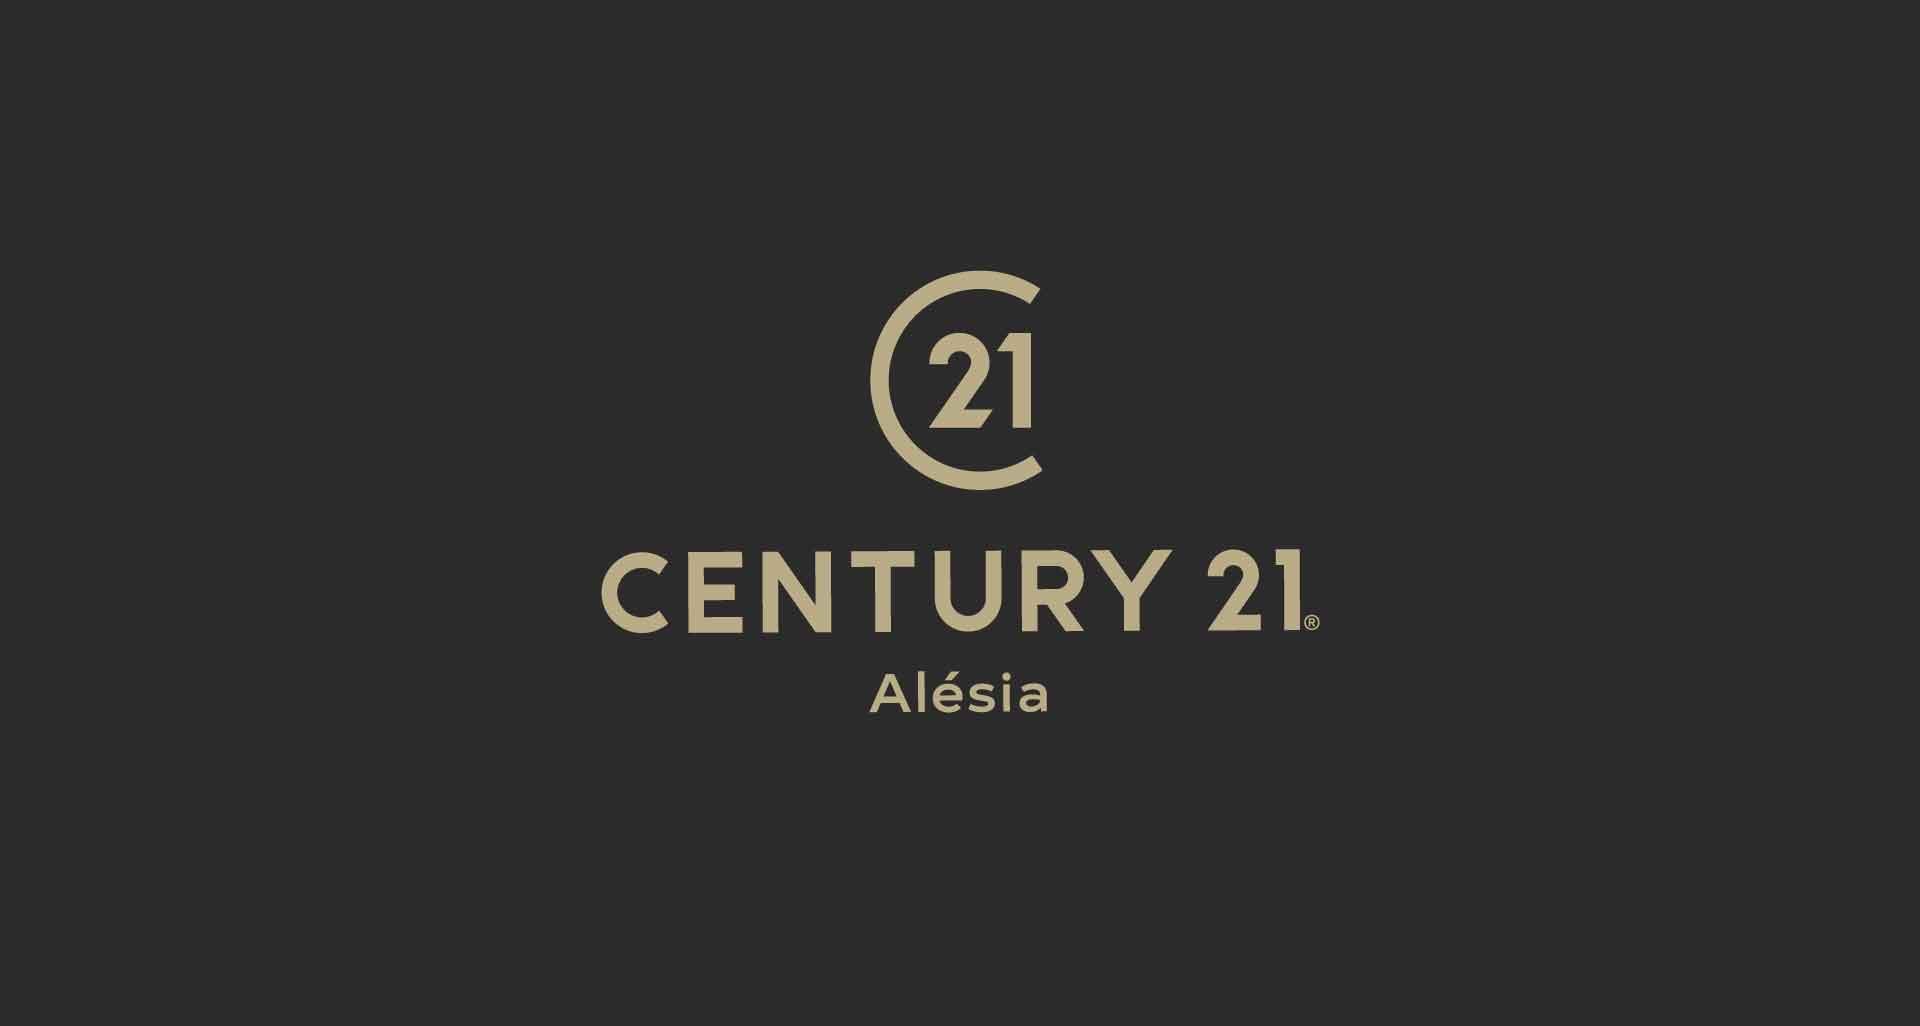 Flyers & Mailings pour Century 21 Alesia par l'agence Cassian